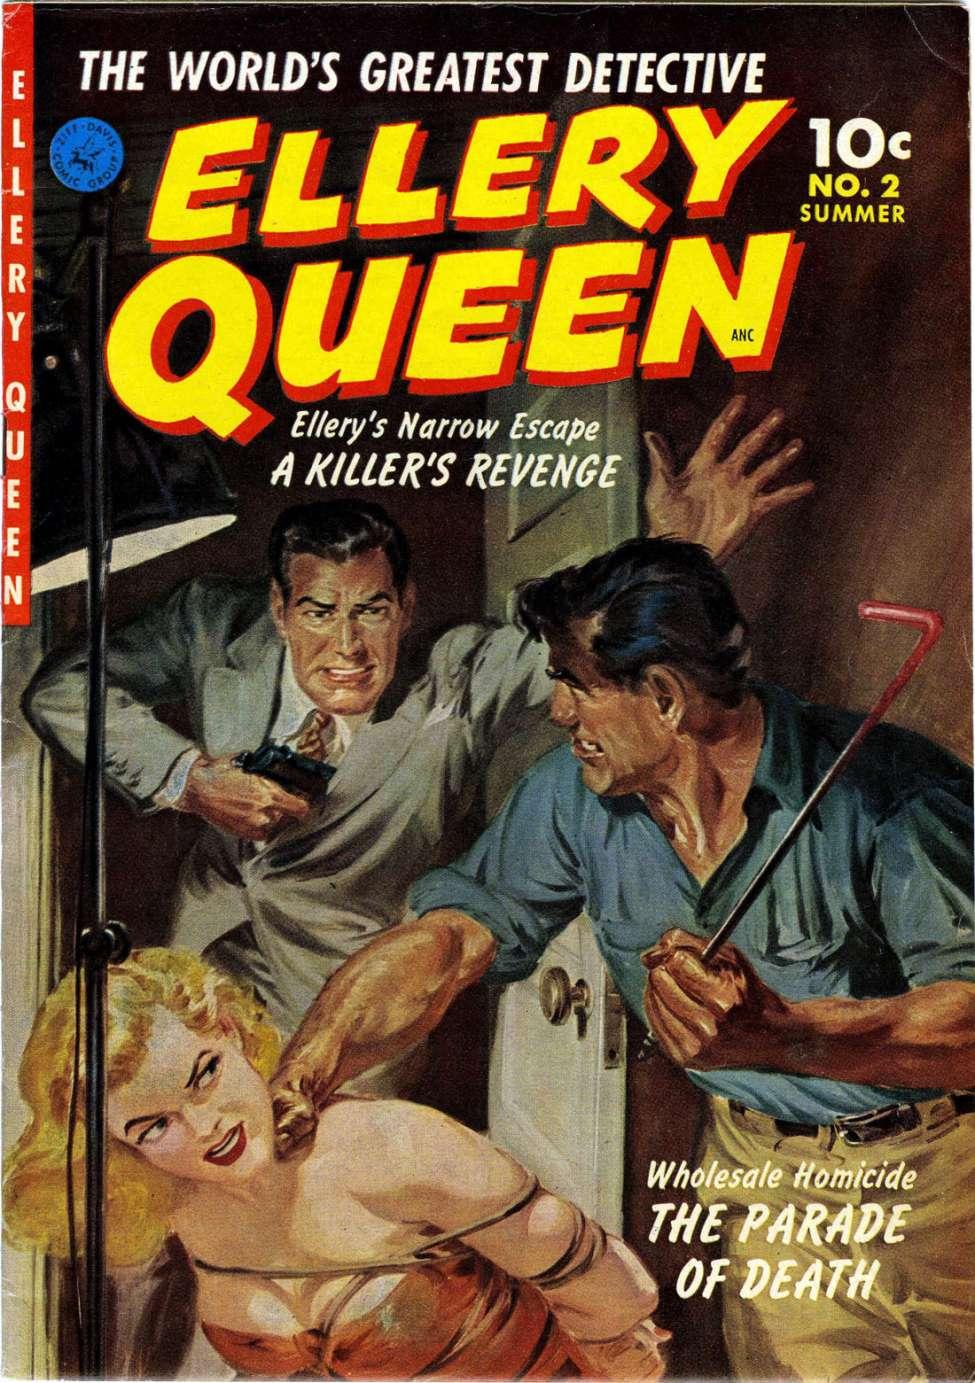 Business Book Cover Queen : Ellery queen ziff davis comic book plus